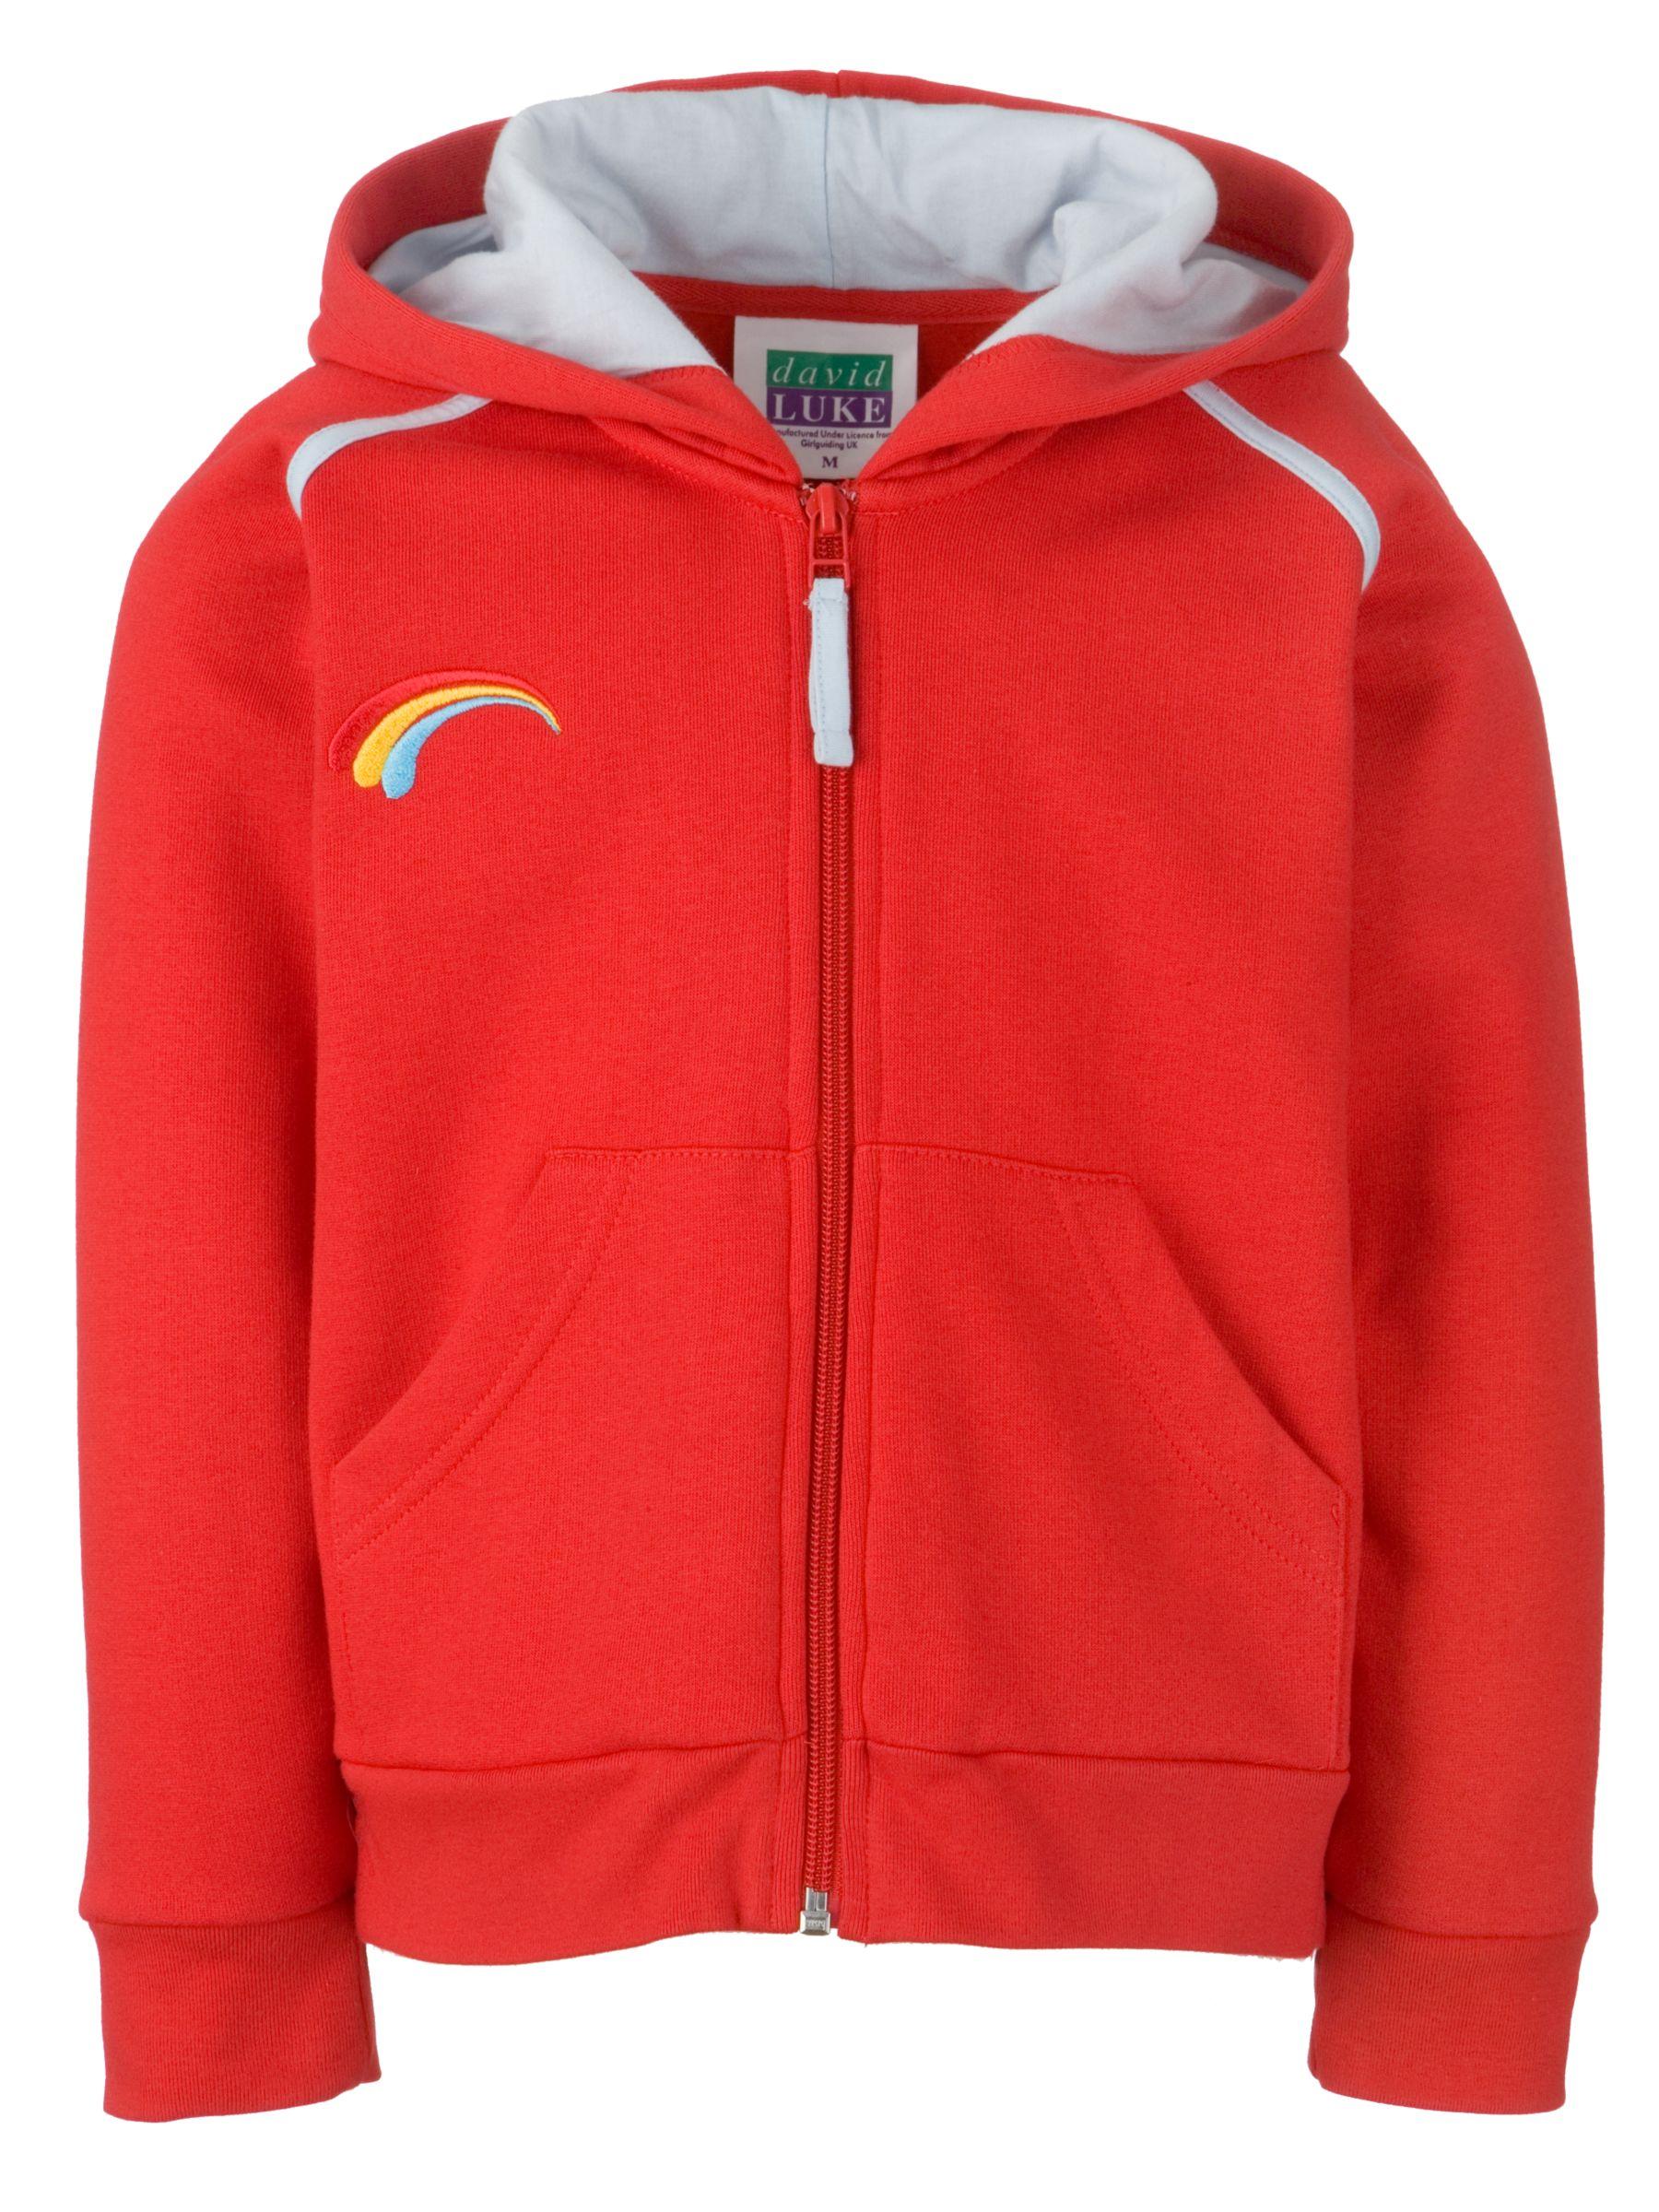 Rainbows Rainbows Uniform Hooded Zip Top, Red